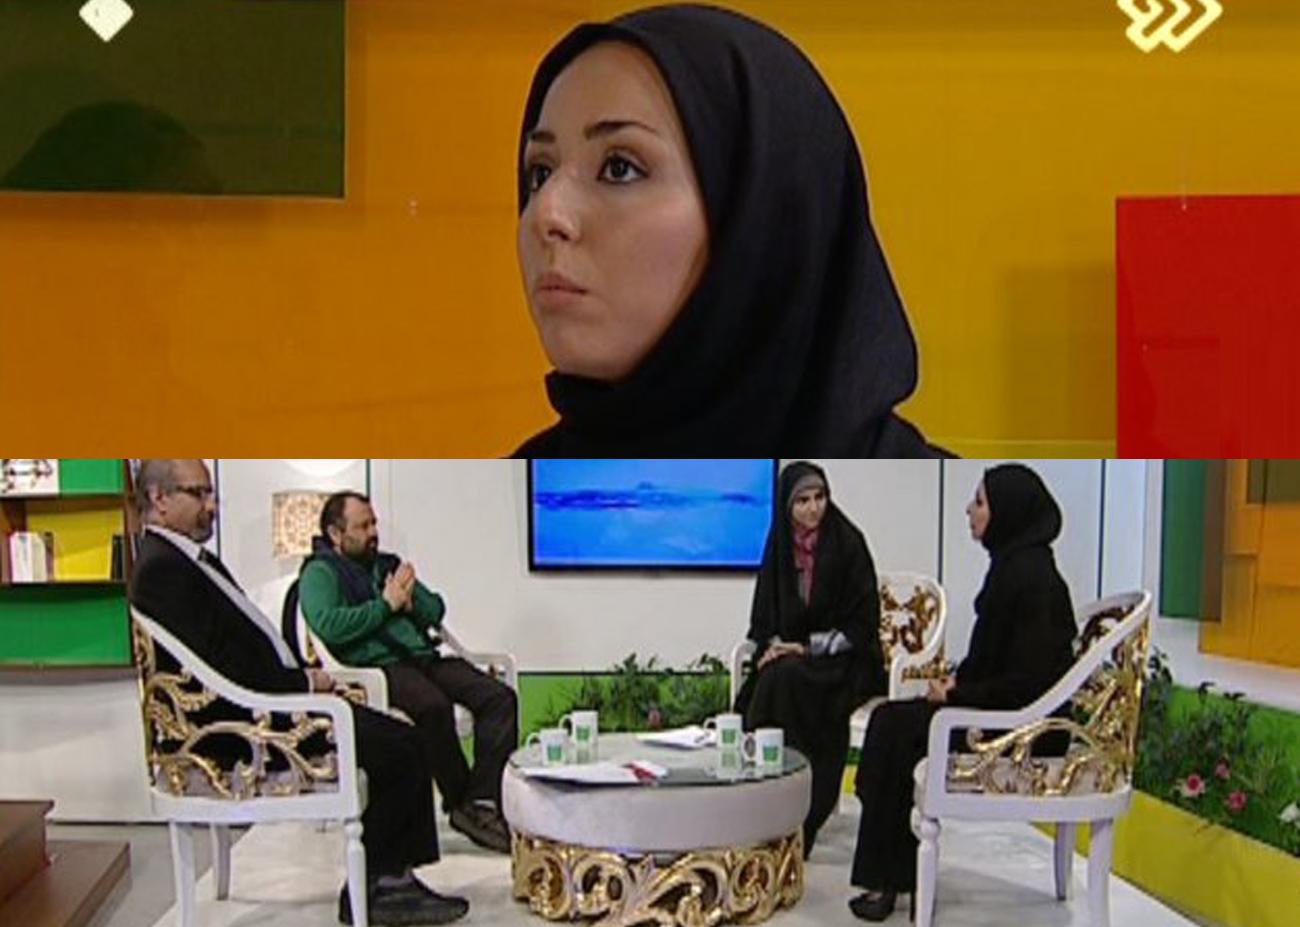 » مادر حنانه شهشهانی: دخترم نه کشف حجاب کرده و نه از ایران رفته است/ عکسها فتوشاپ هستند !